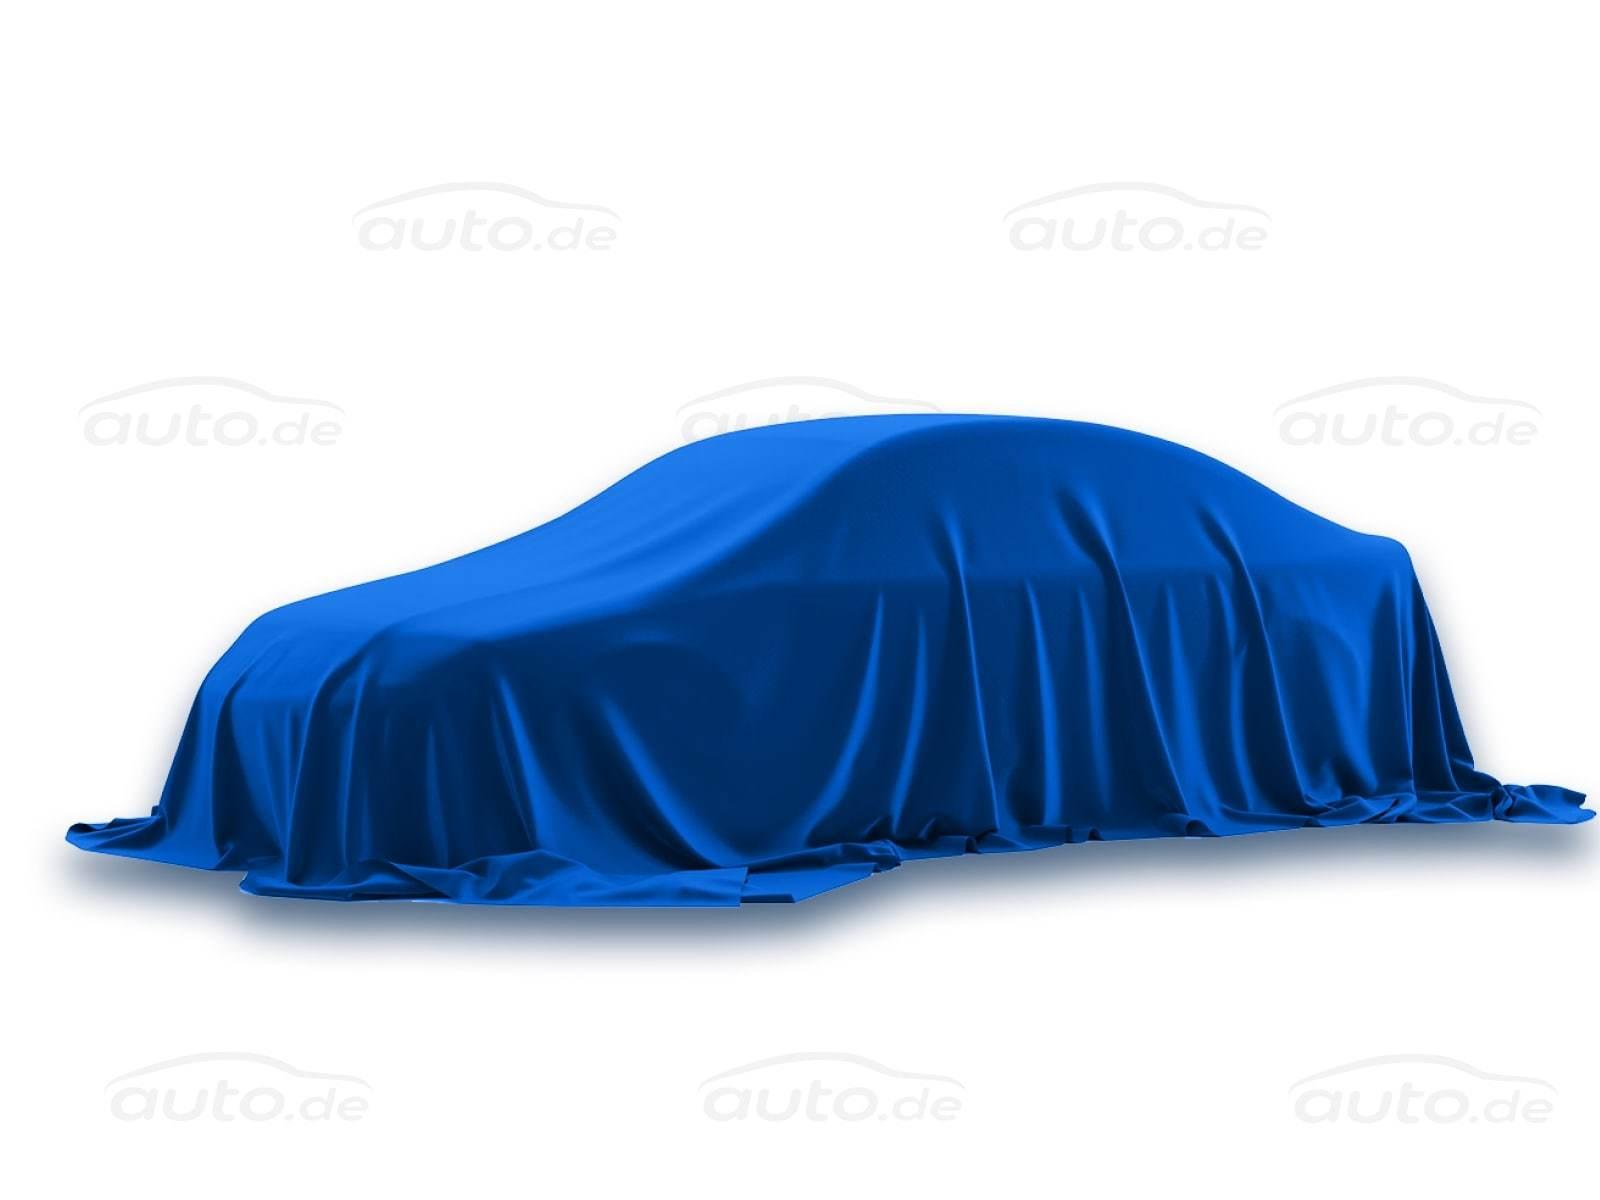 Gebrauchter Honda Jazz 2 Generation Kleinwagen Autovisual